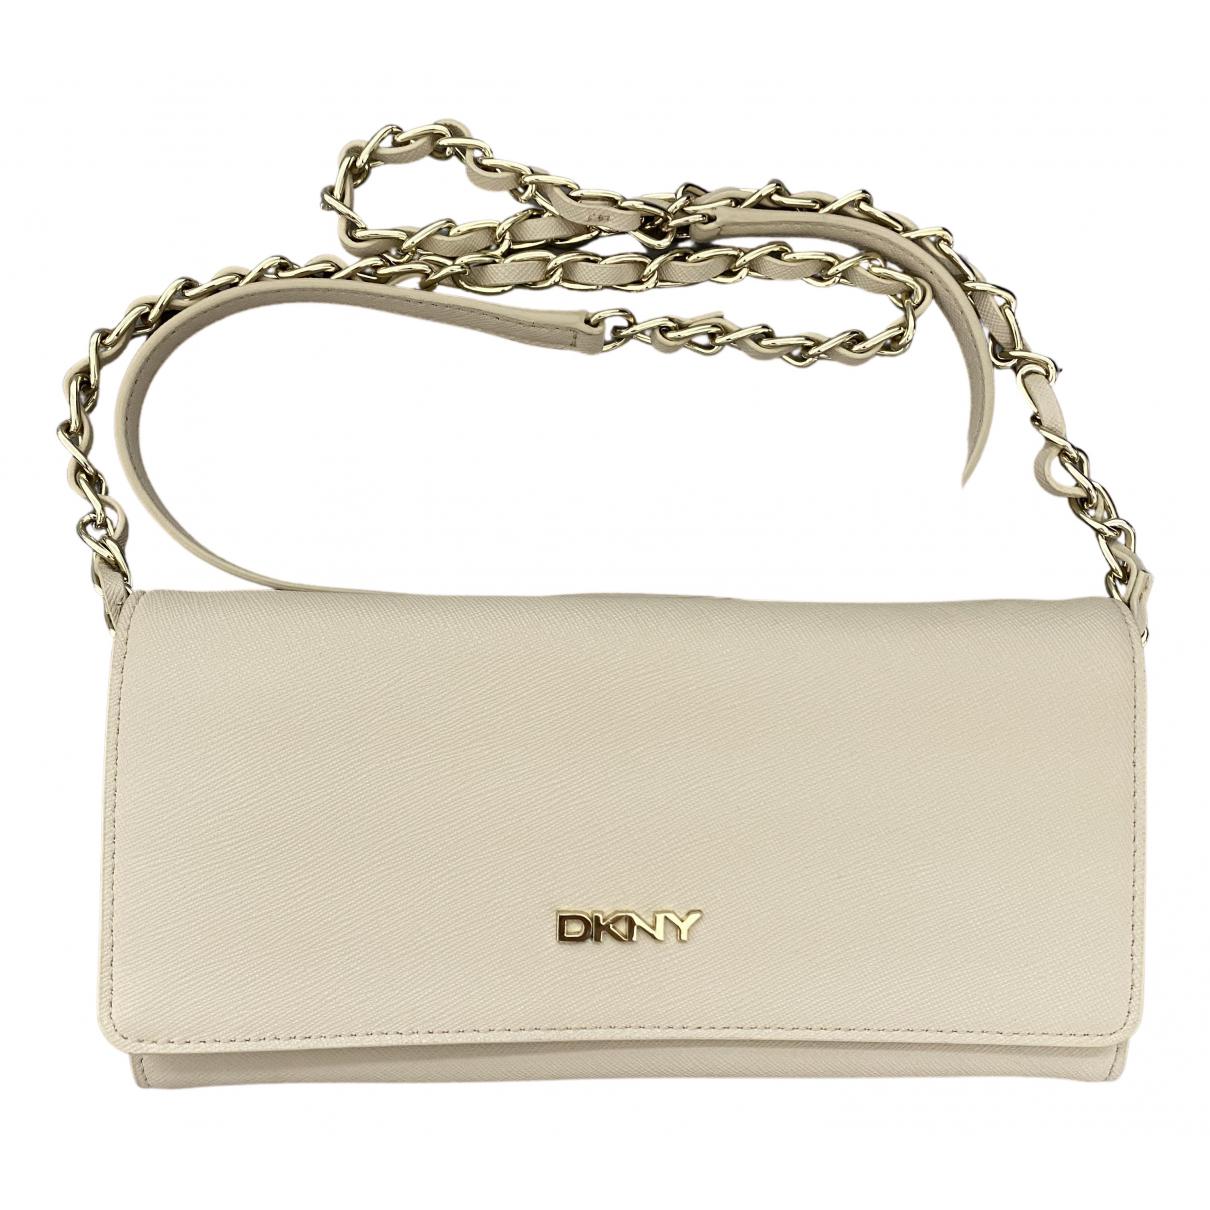 Dkny - Pochette   pour femme en cuir - beige